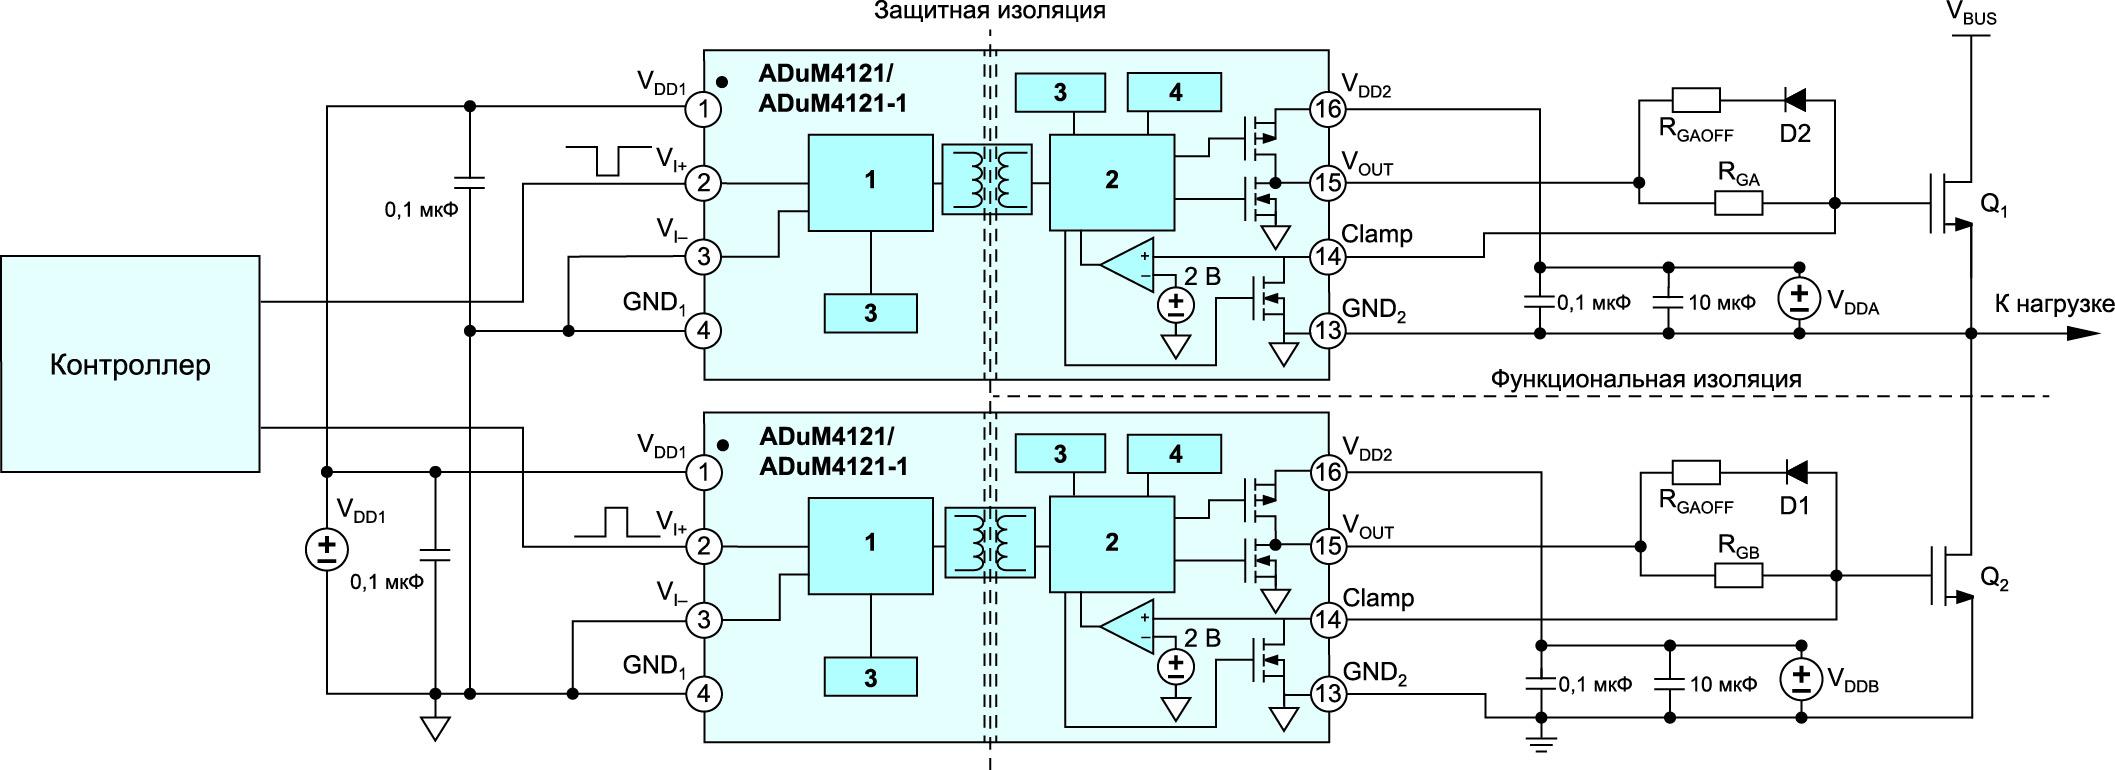 Изолирующие барьеры в полумостовой схеме с использованием изолированных драйверов затвора ADuM4121:  1 — кодирование сигнала и формирование лог. уровней;  2 — декодирование сигнала и формирование лог. уровней;  3 — блокировка питания при пониженном напряжении;  4 — тепловая защита